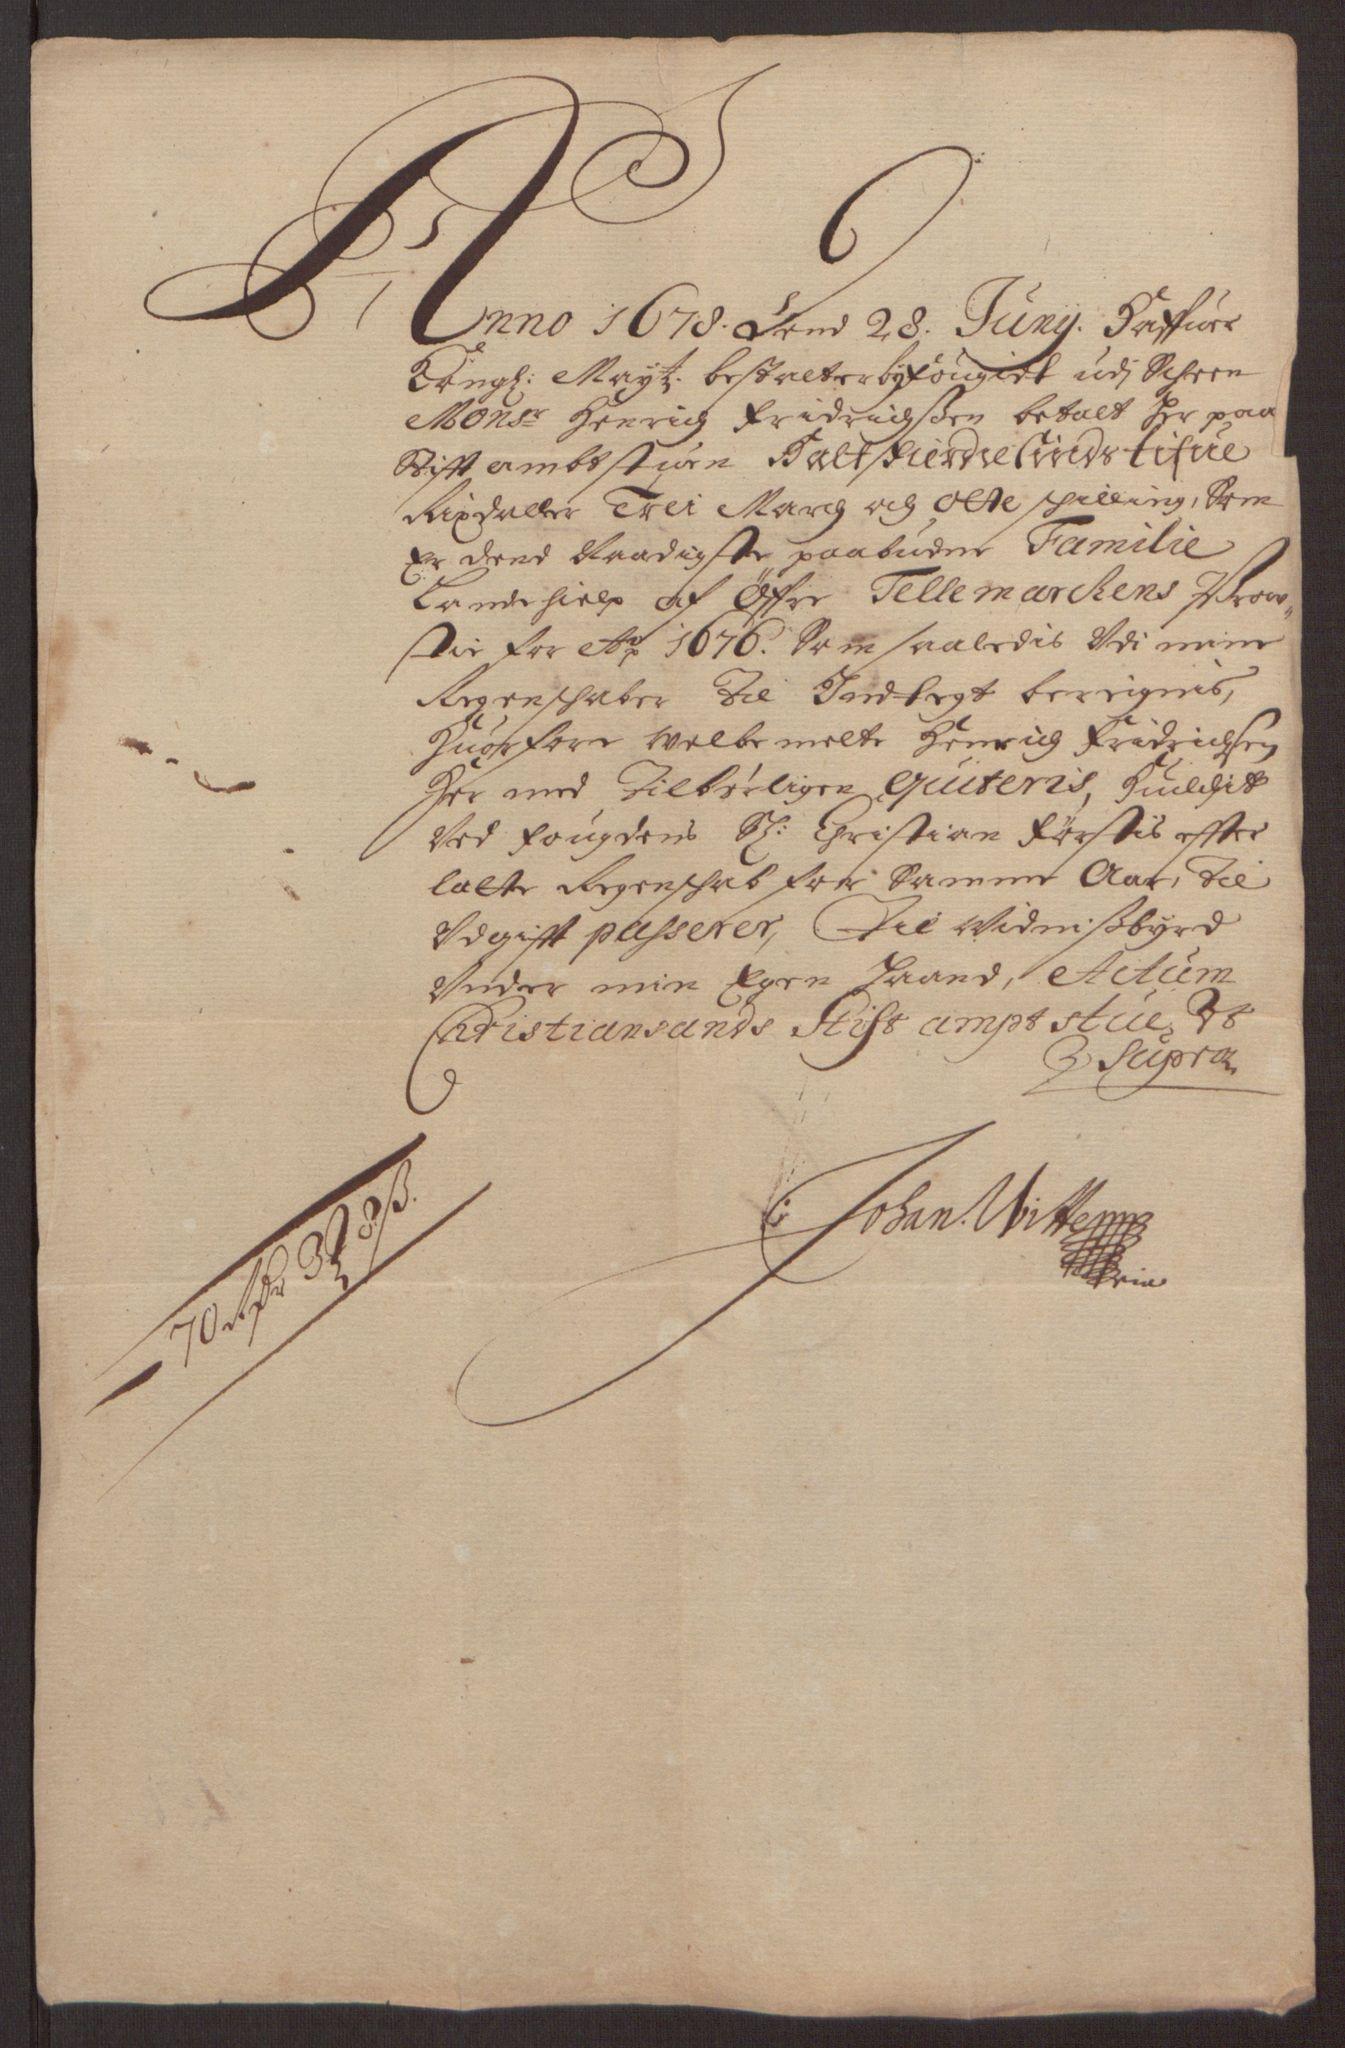 RA, Rentekammeret inntil 1814, Reviderte regnskaper, Fogderegnskap, R35/L2065: Fogderegnskap Øvre og Nedre Telemark, 1676, s. 254